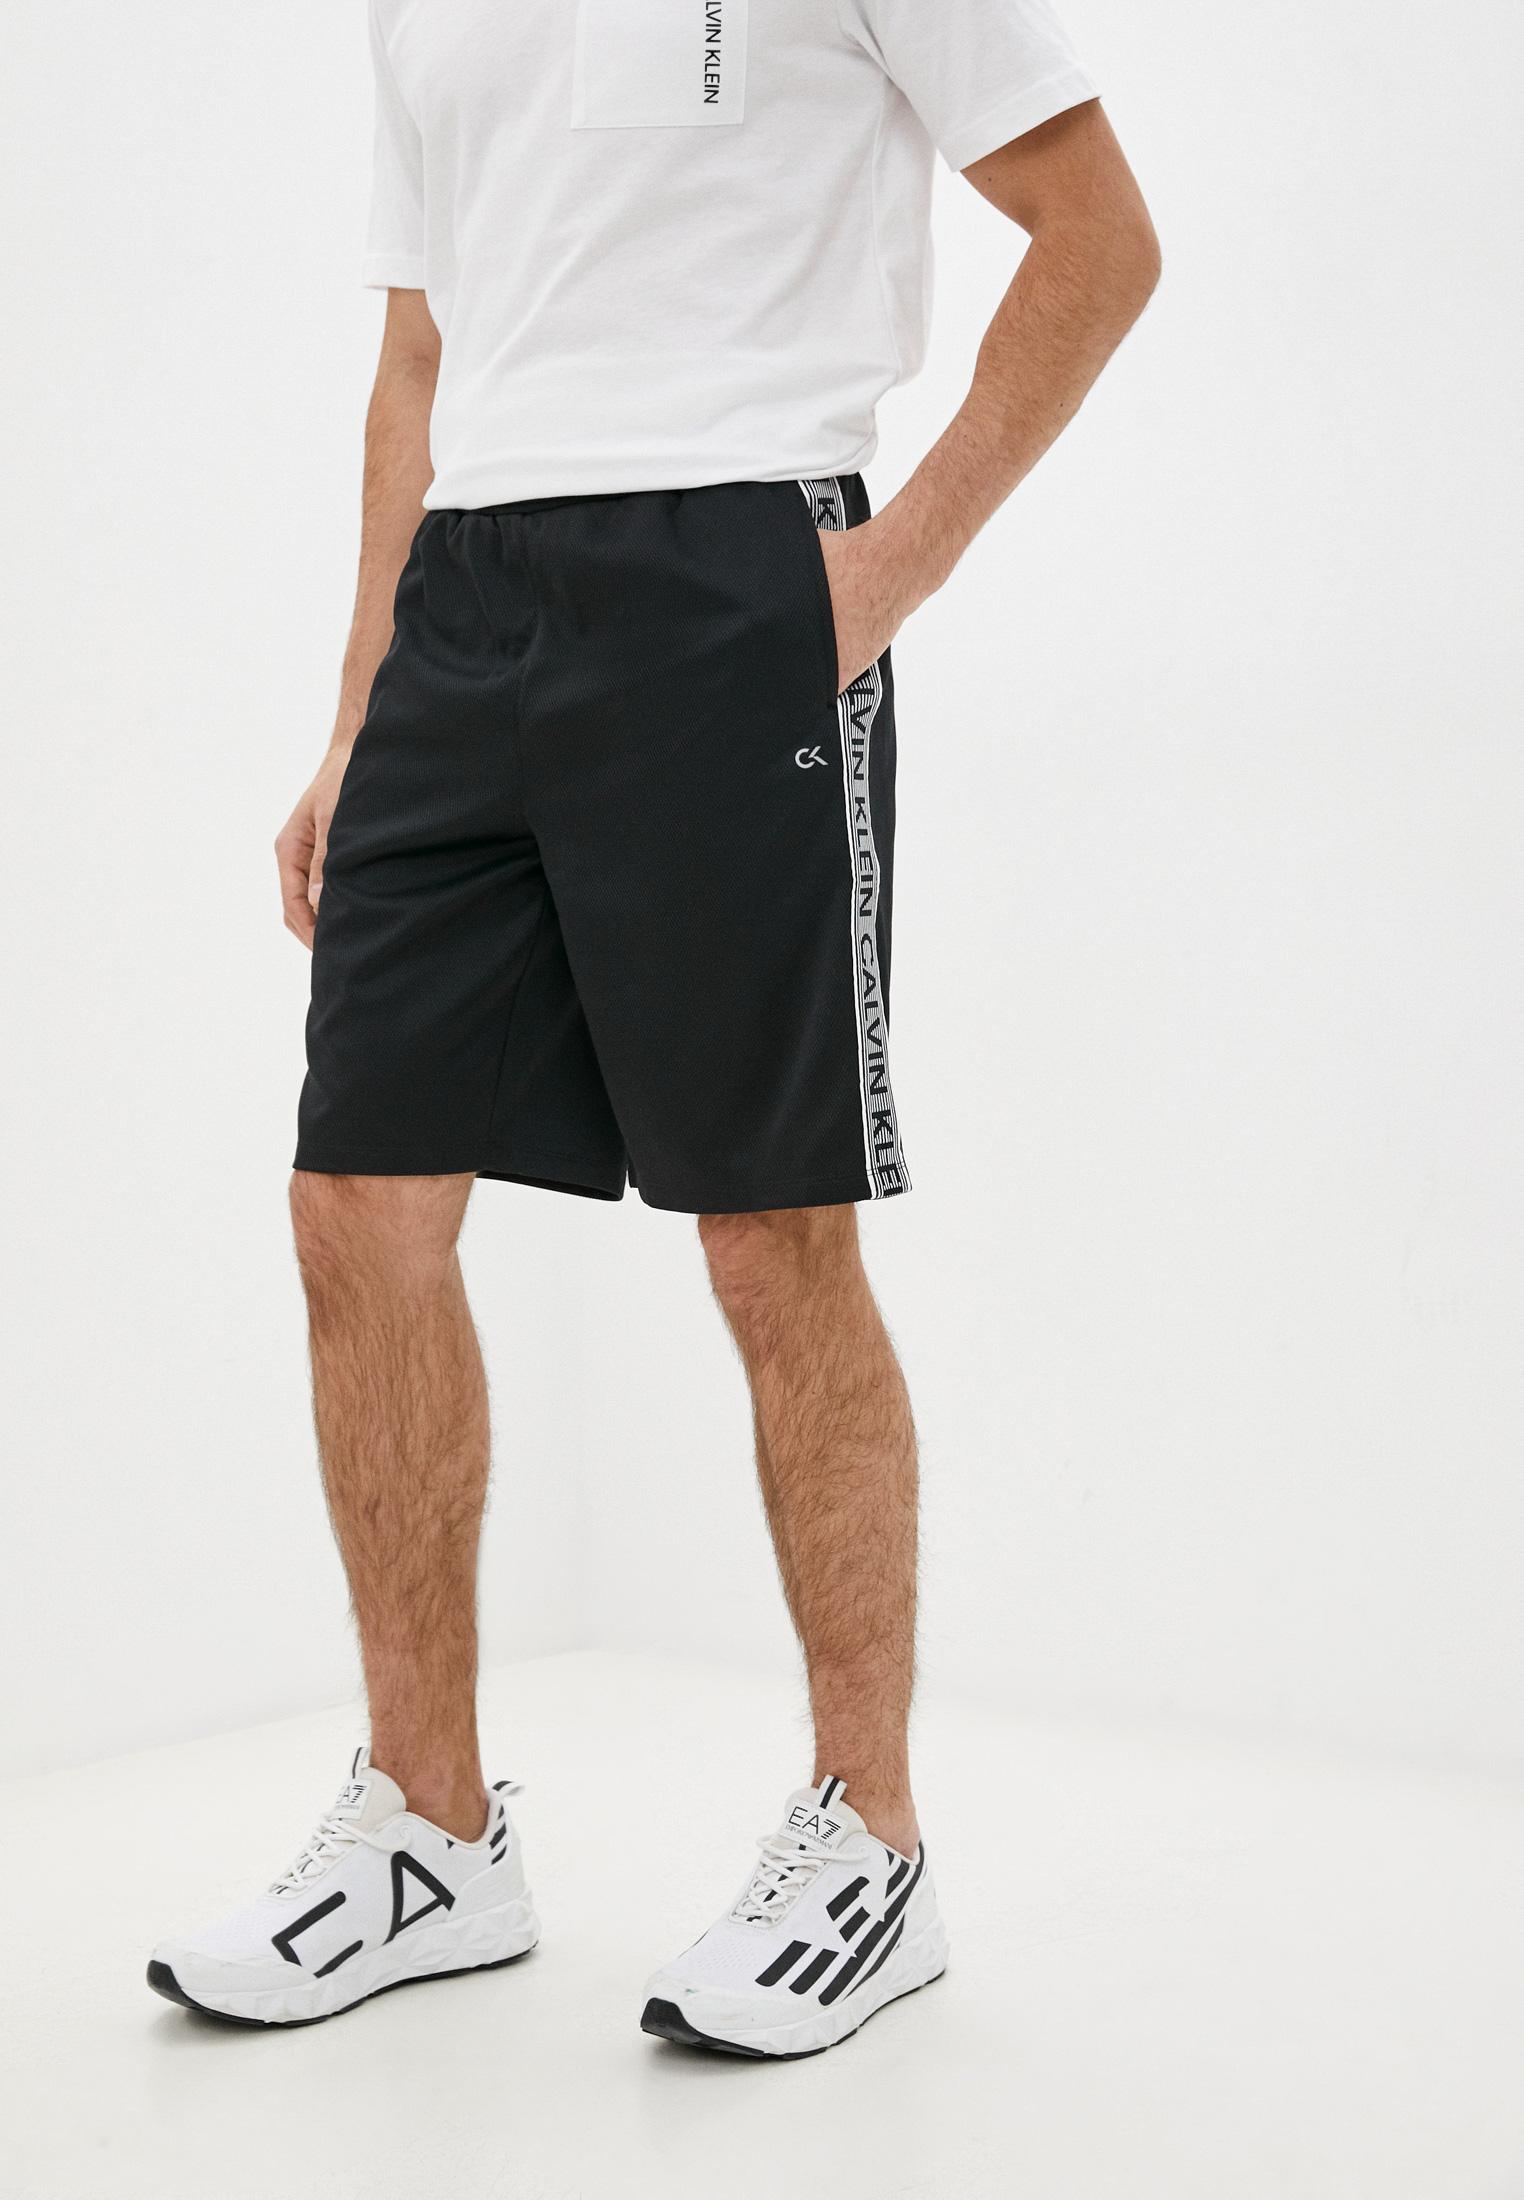 Мужские спортивные шорты Calvin Klein Performance Шорты спортивные Calvin Klein Performance